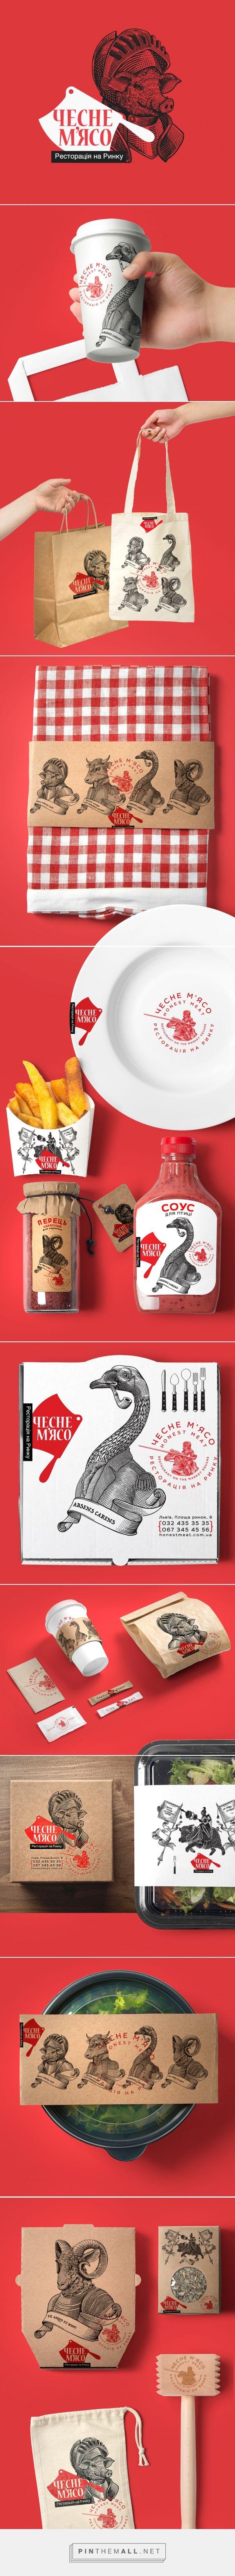 Honest Meat on Behance by Yaroslav Shkriblyak, Ivano-Frankivsk, Ukraine curated by Packaging Diva PD. Odd but visually interesting packaging branding for meat restaurant in Lviv. Art direction, branding, Illustration.